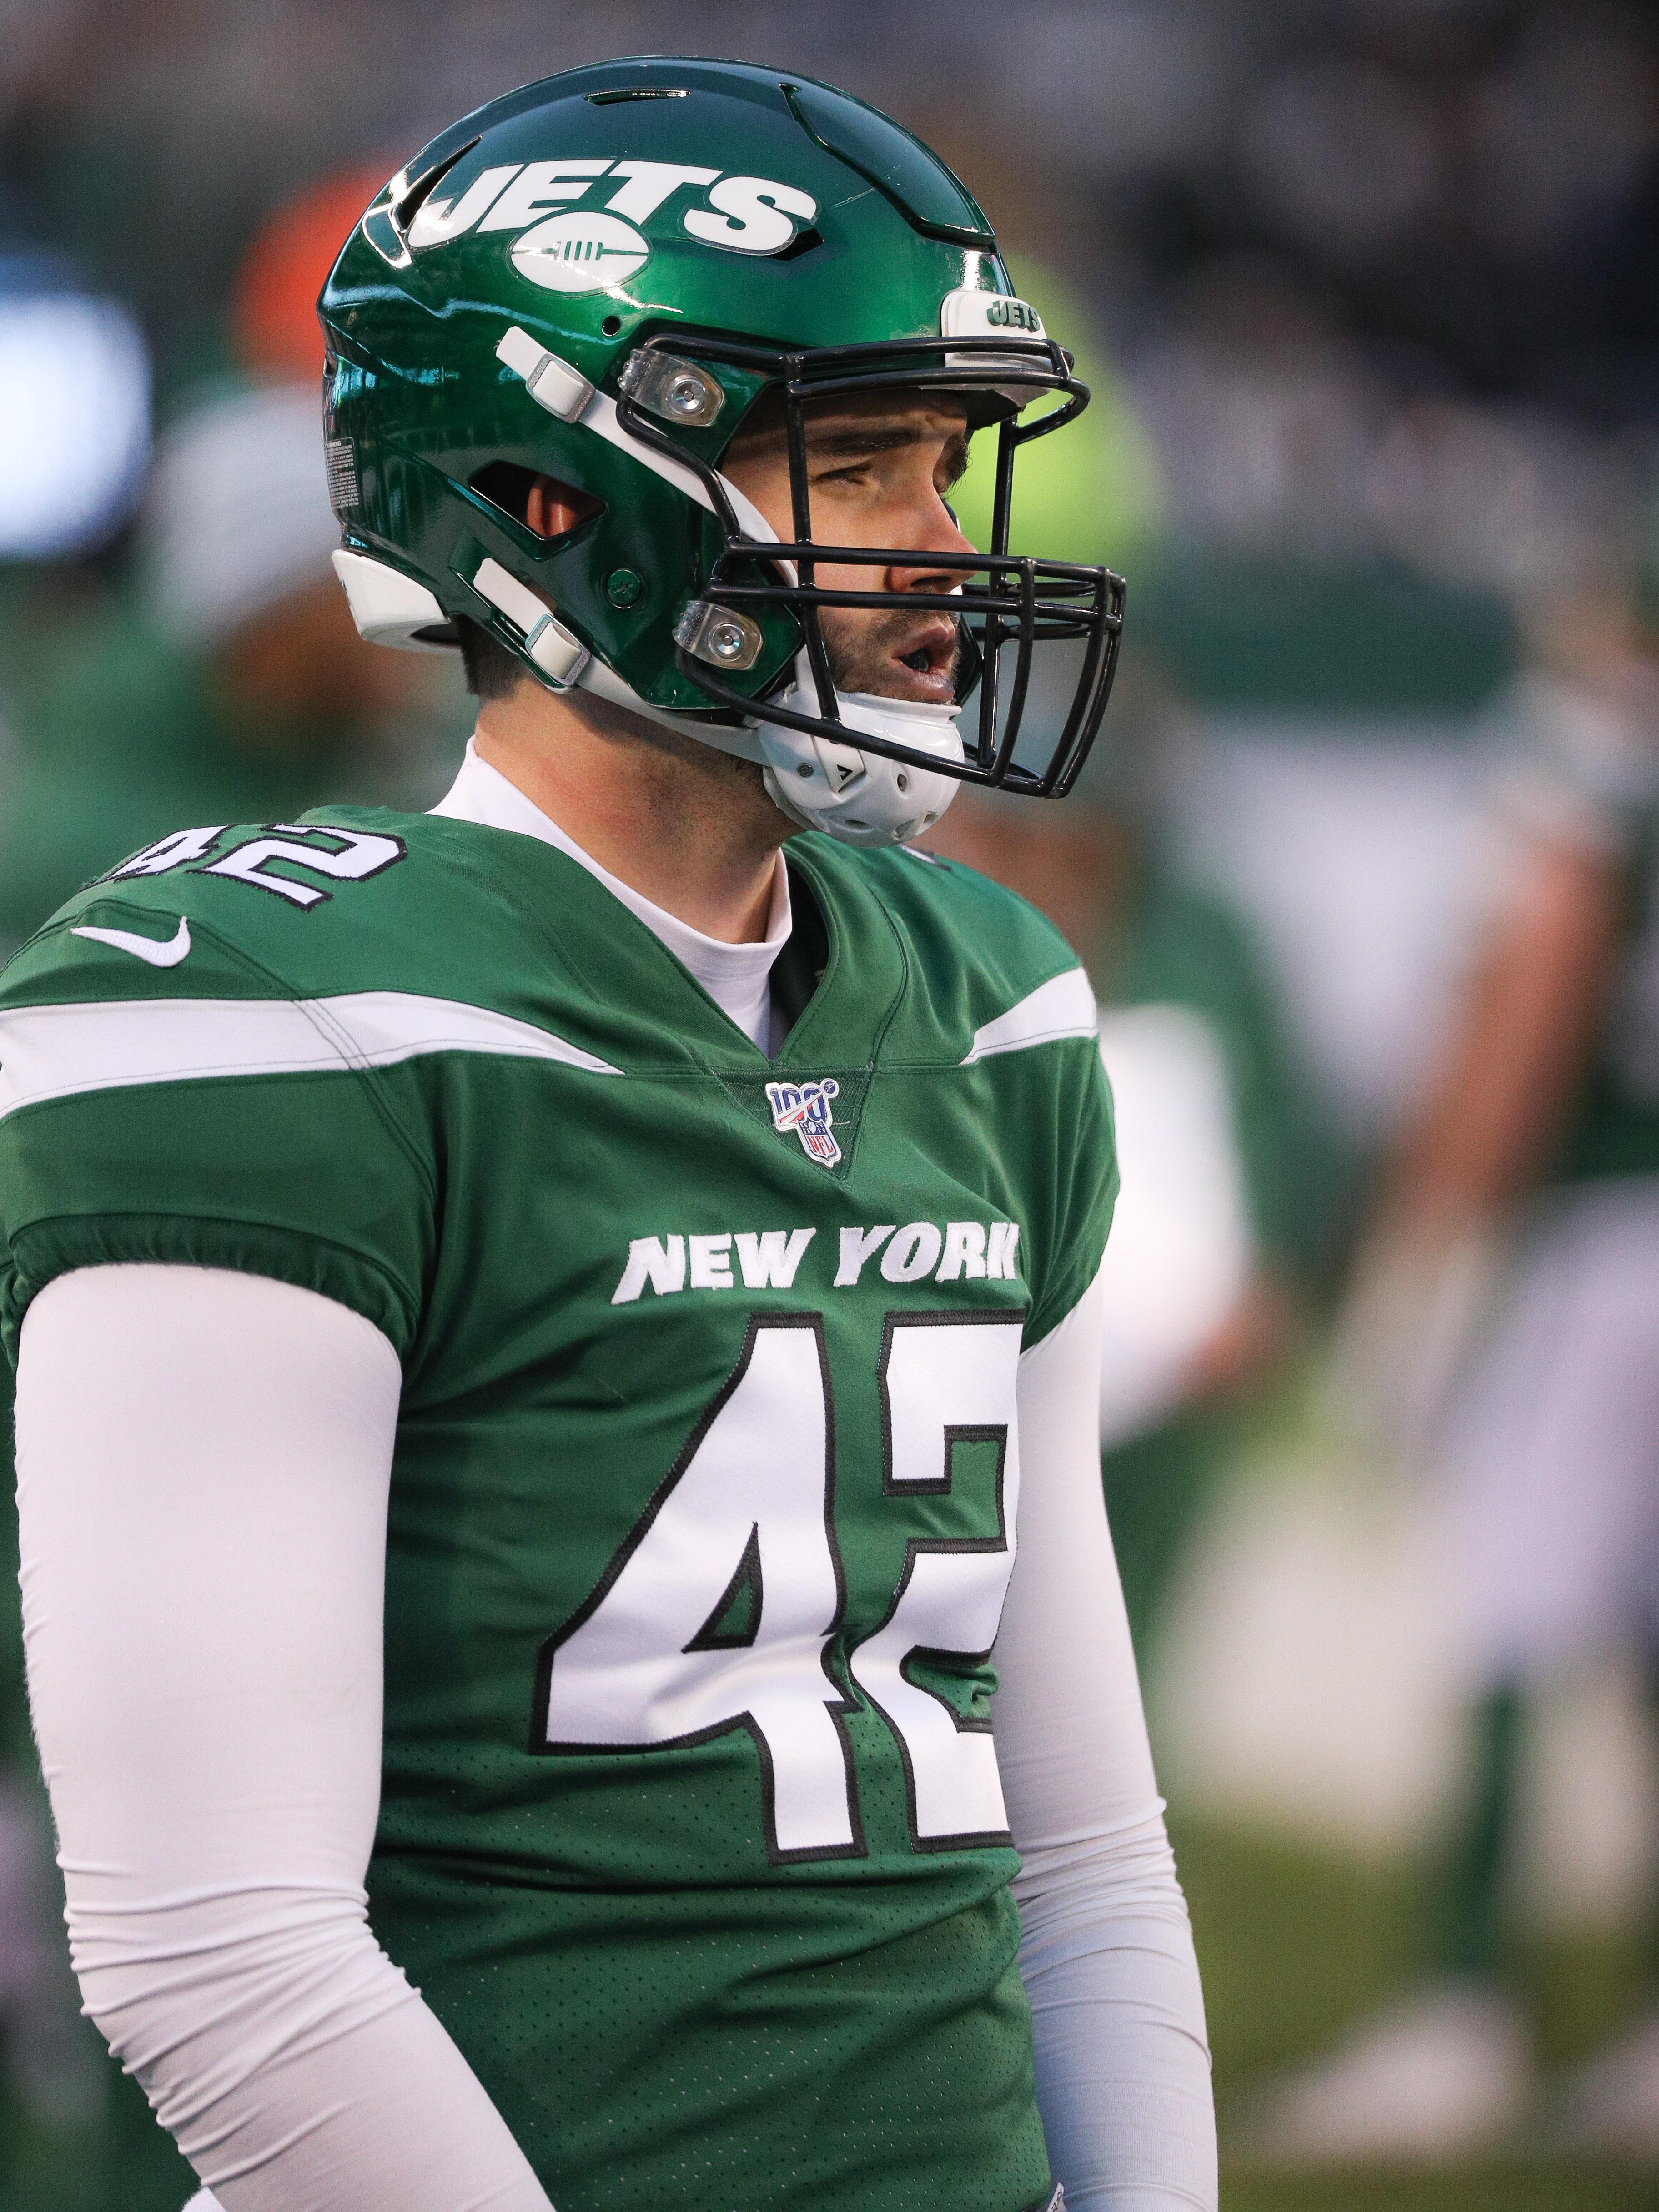 NFL: NOV 24 Raiders at Jets